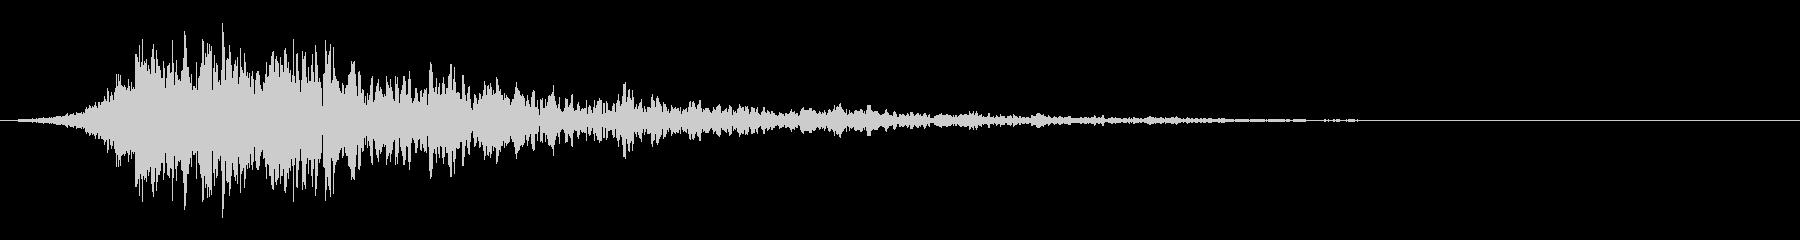 シュードーン-53-2(インパクト音)の未再生の波形